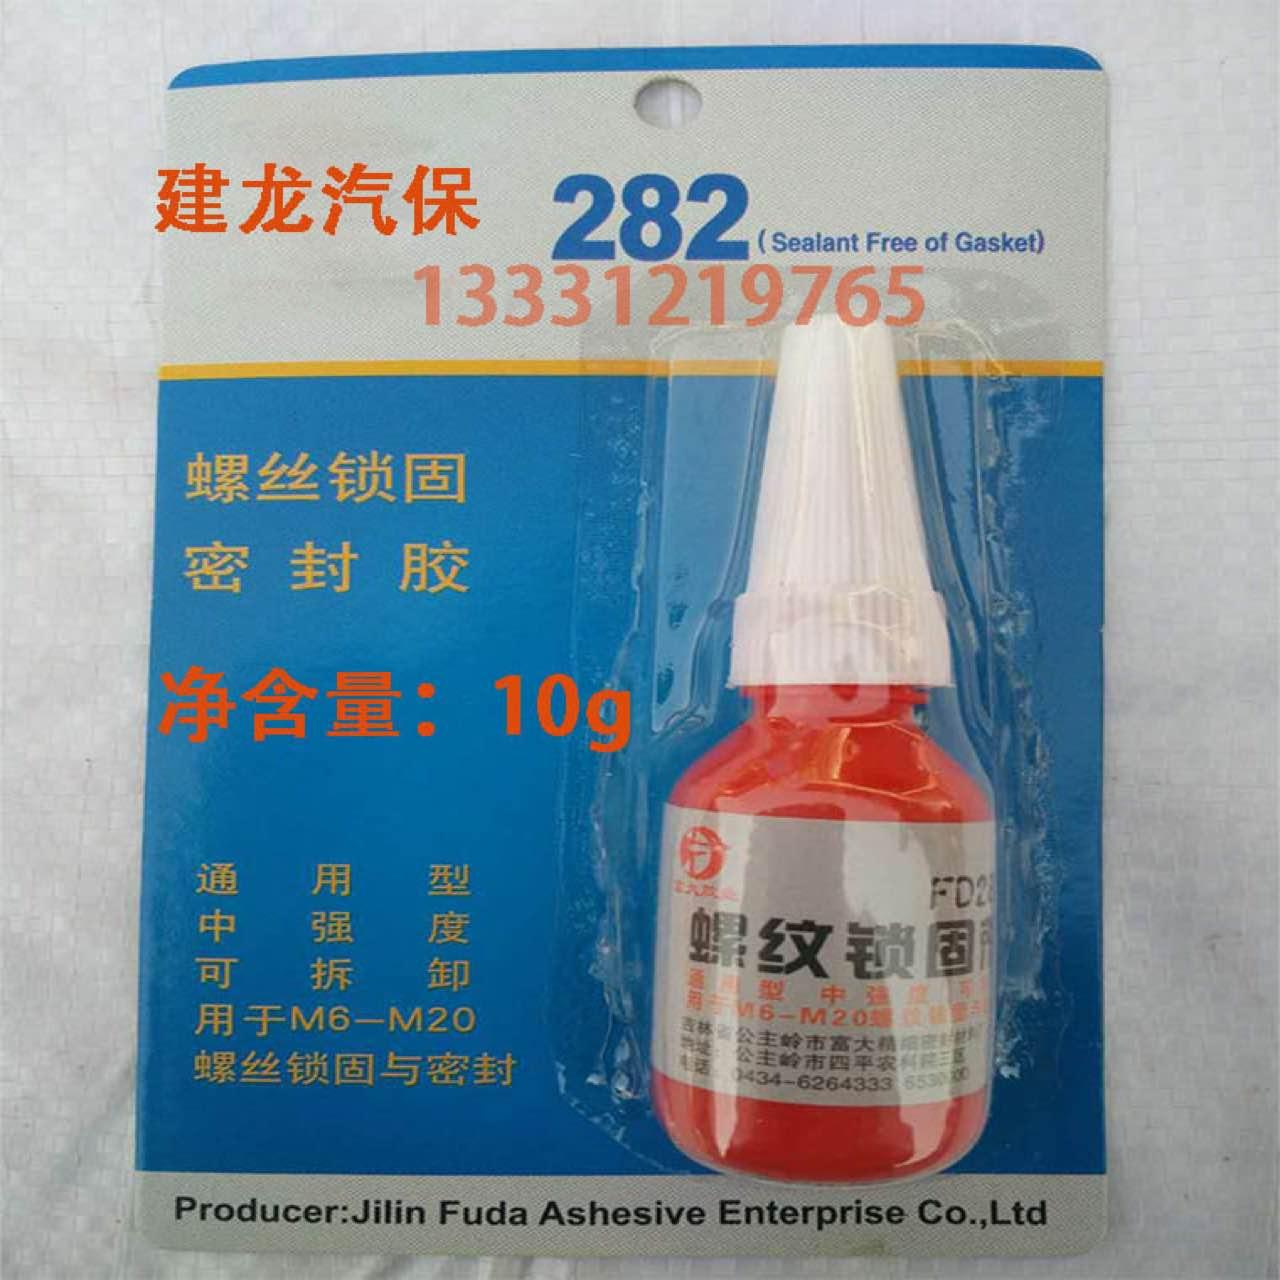 271螺丝胶强力锁固金属螺纹锁固剂厌氧胶10ml 50ML高强度螺丝胶